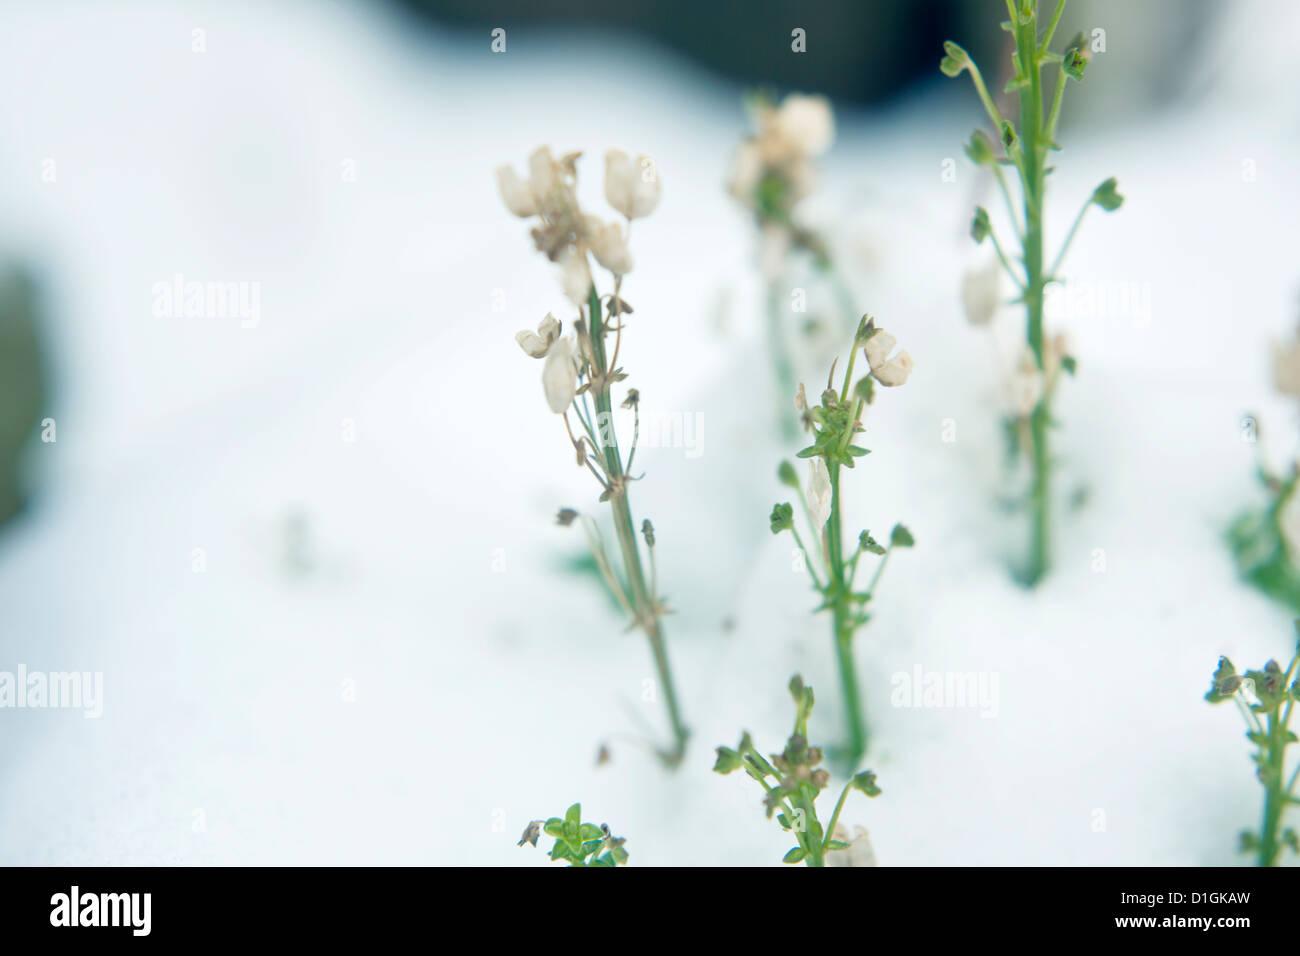 Poco verde bianco e piante che crescono attraverso la neve profonda Immagini Stock